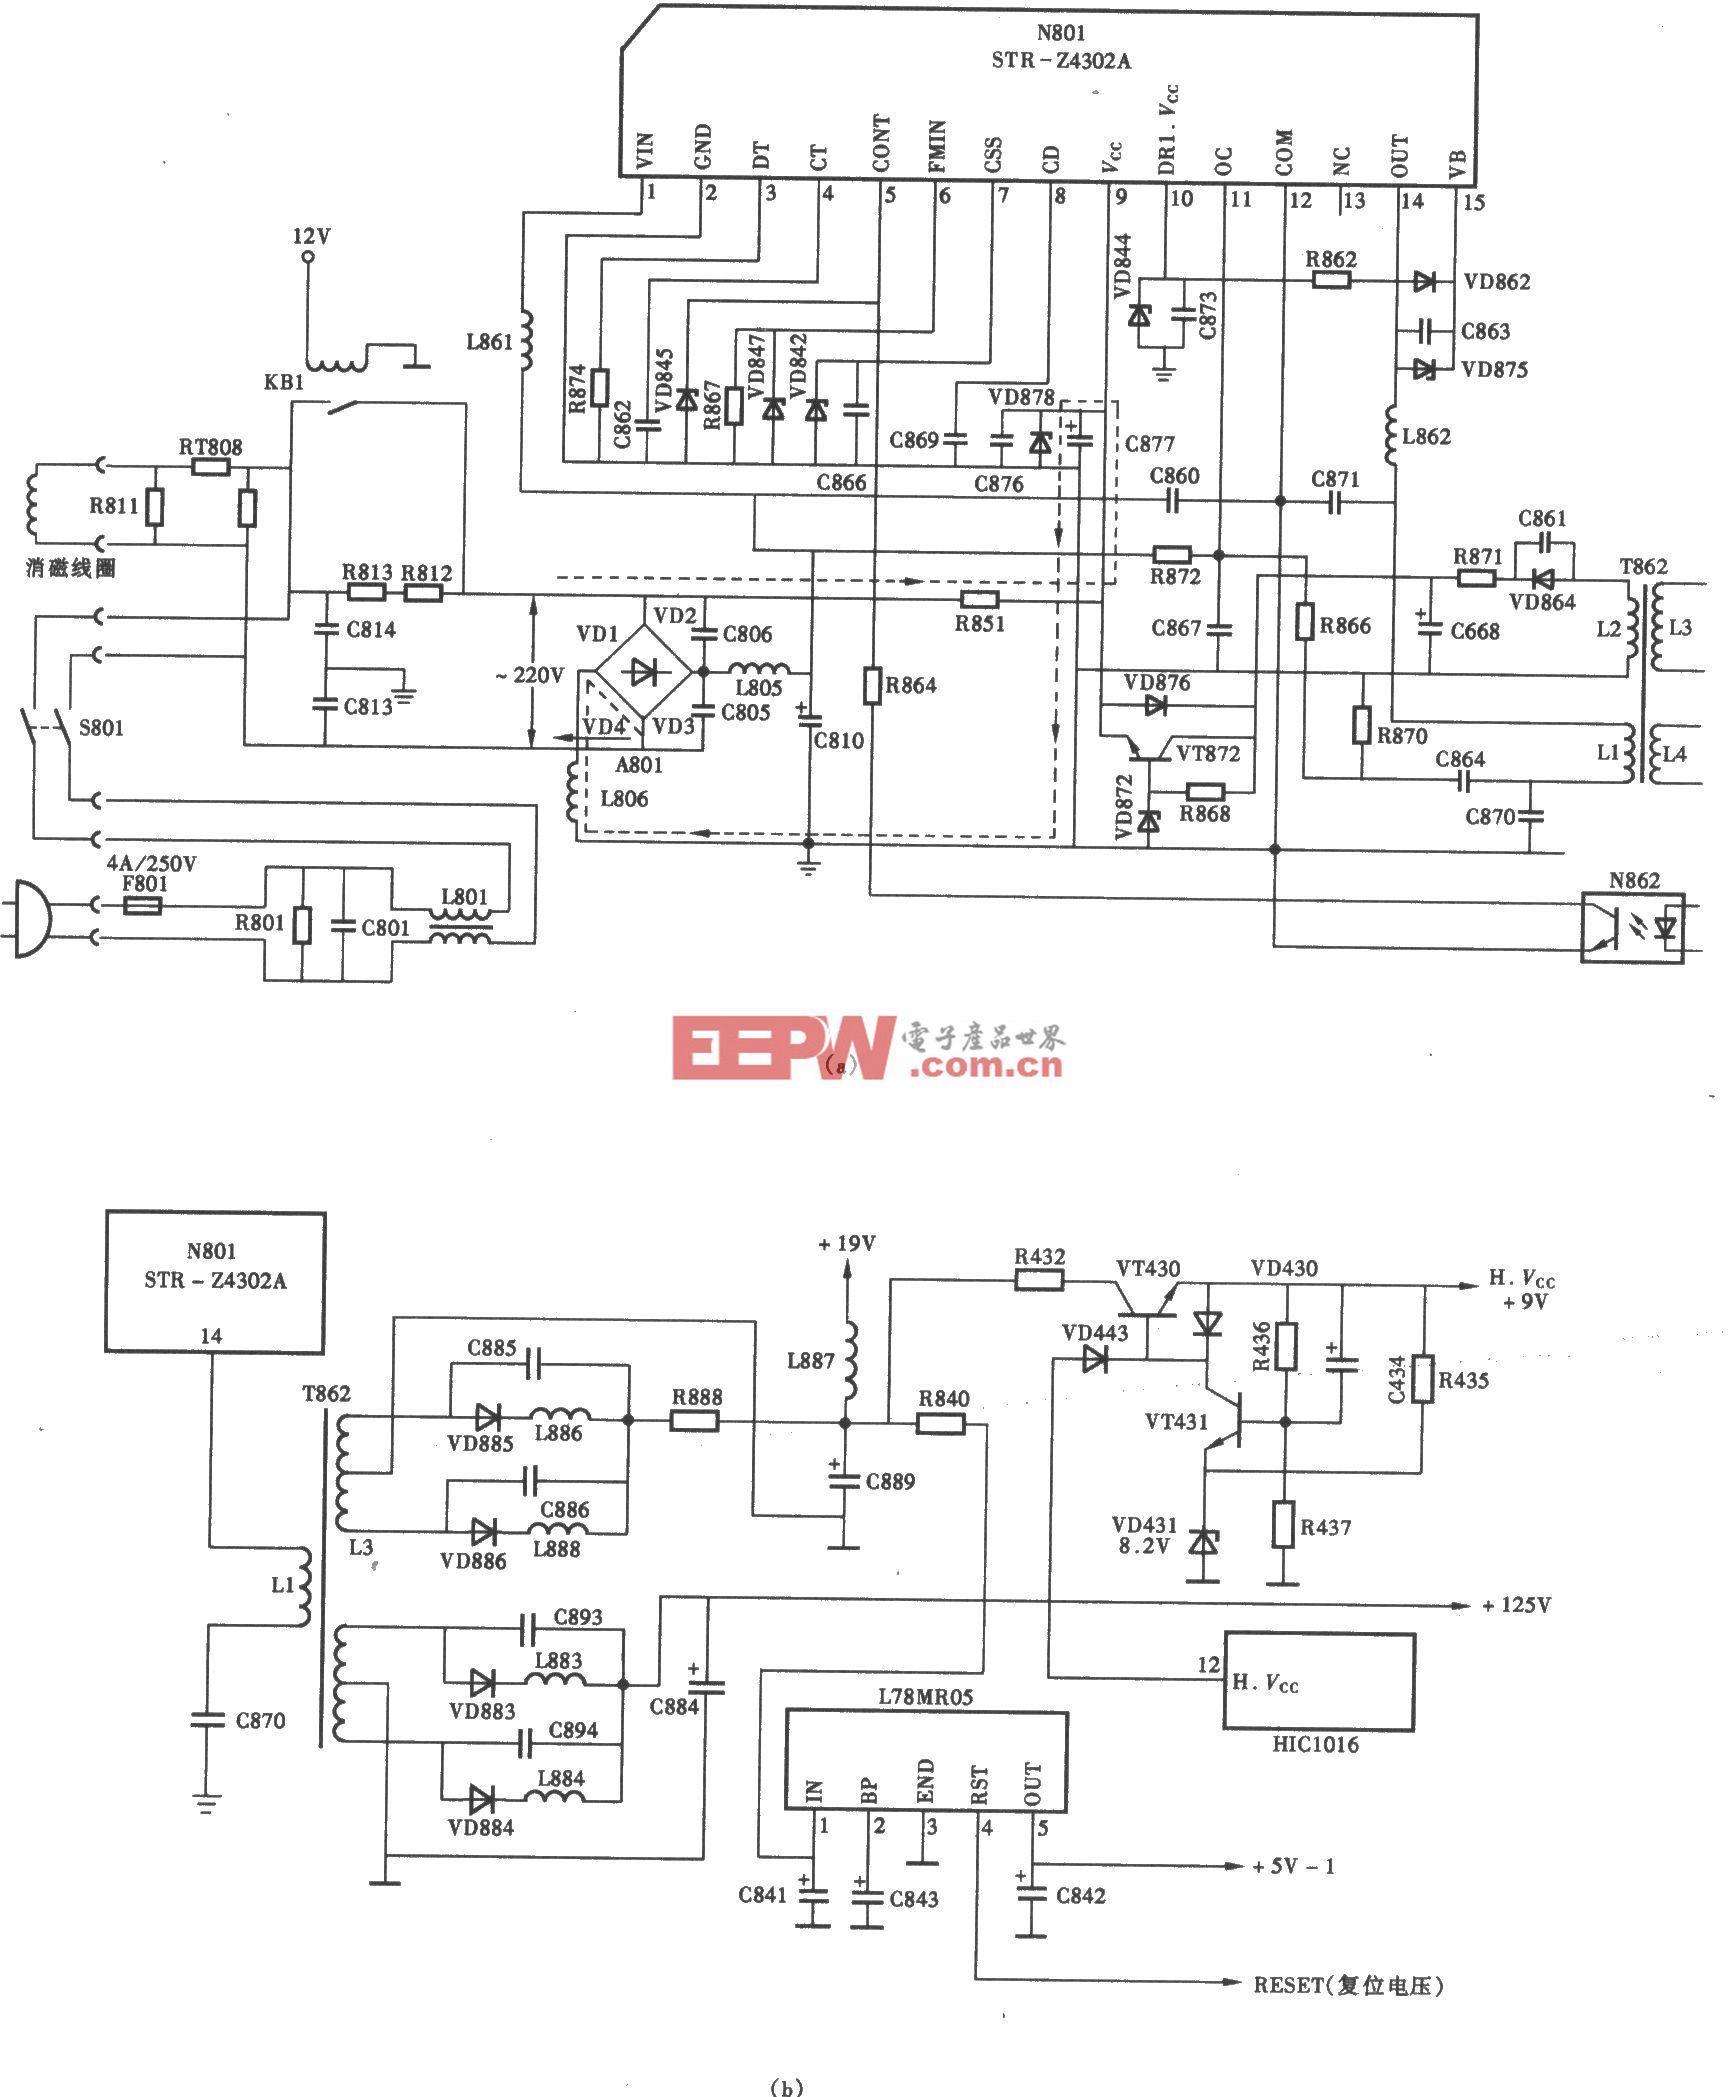 海信TG-1B机芯彩电开关电源(STR-Z4302A)电路